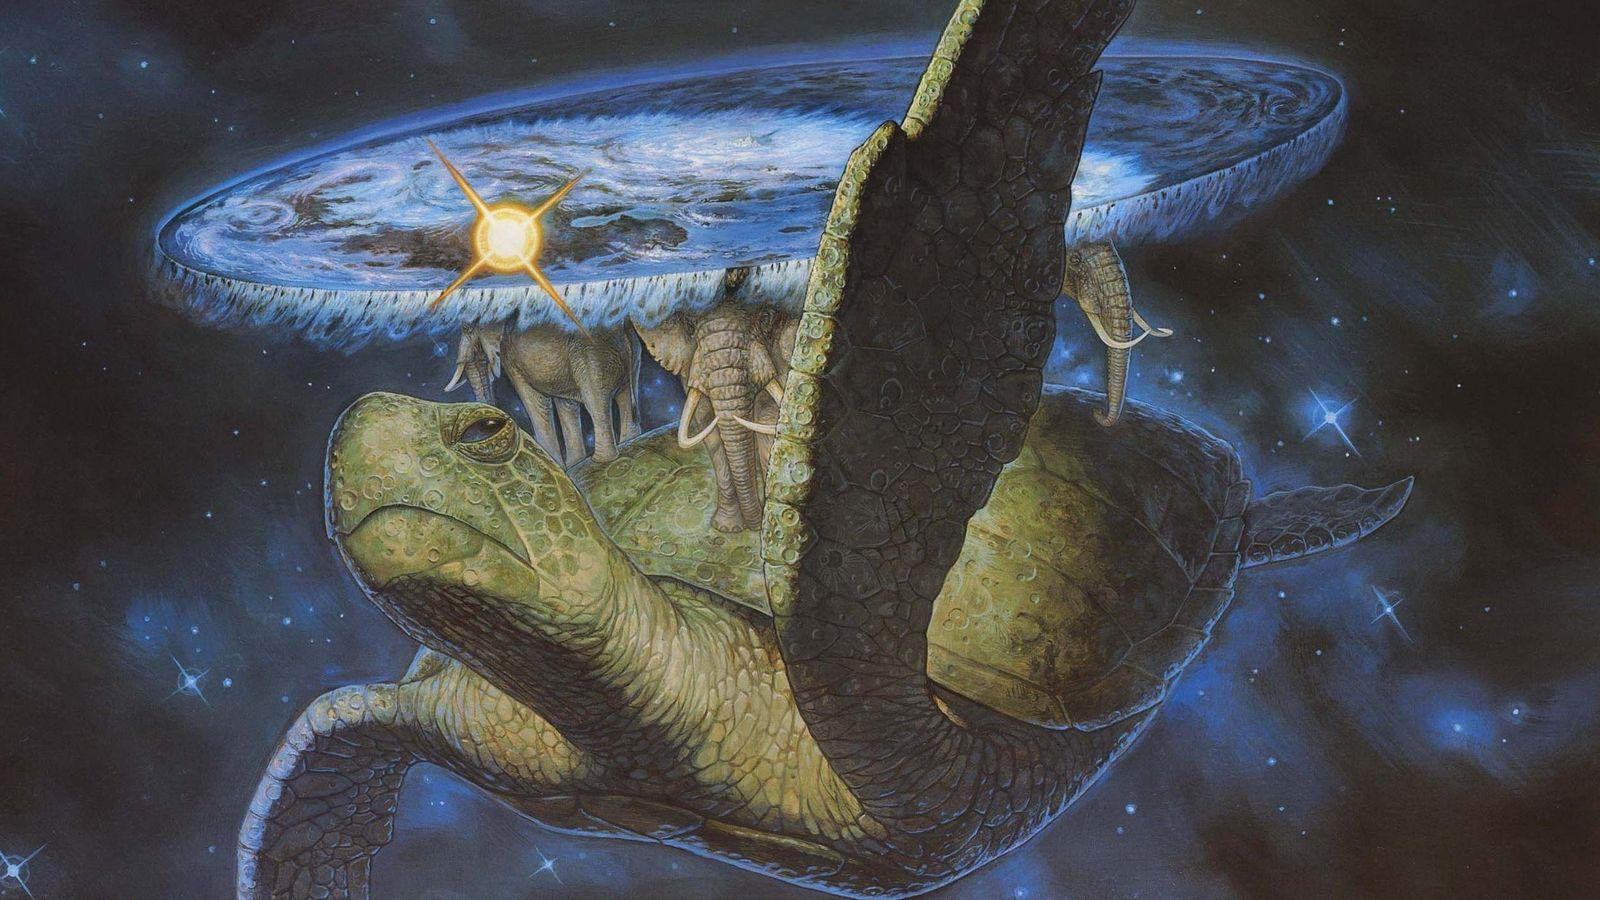 Foto: Del taumo al octarino: la física del Mundodisco de Terry Pratchett